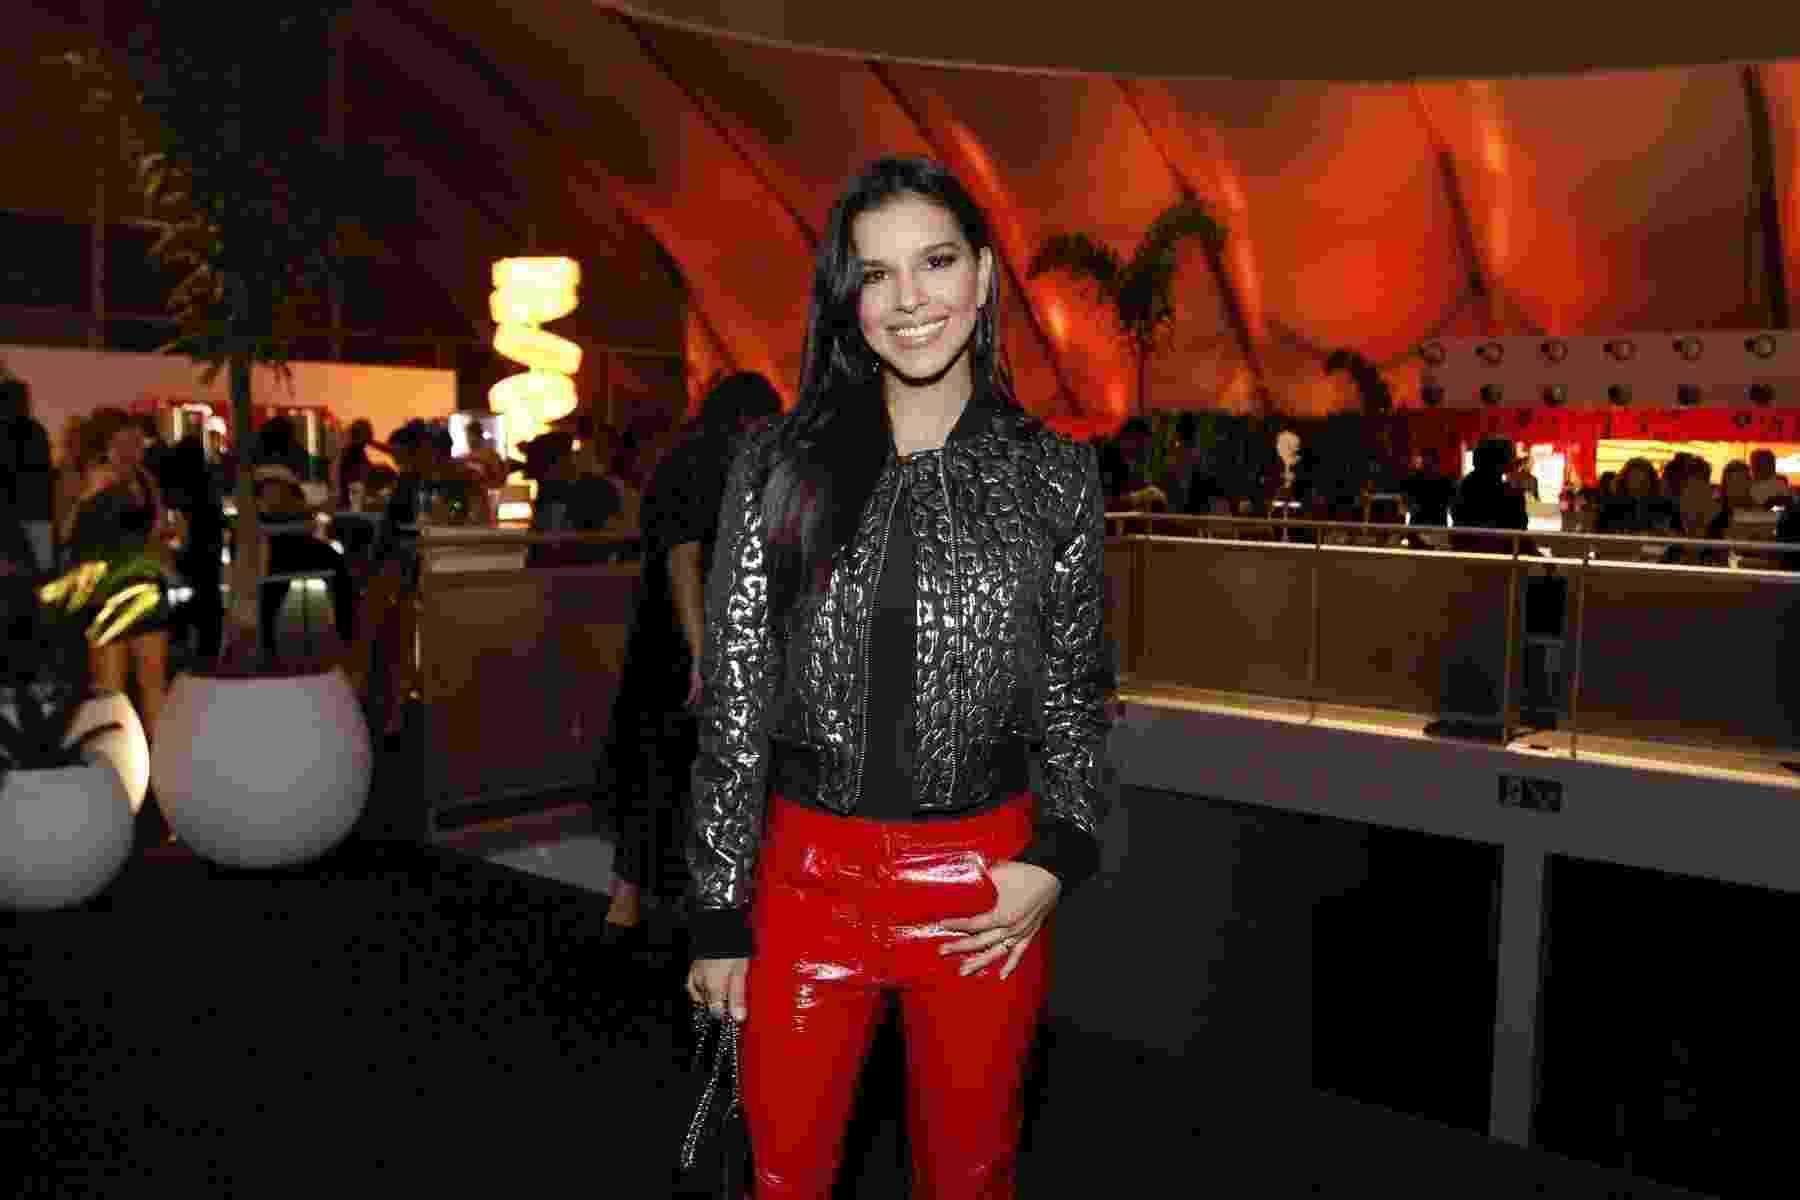 Mariana Rios curte quarto dia de shows do Rock in rio em camarote na Cidade do Rock - Thyago Andrade/Brazil News